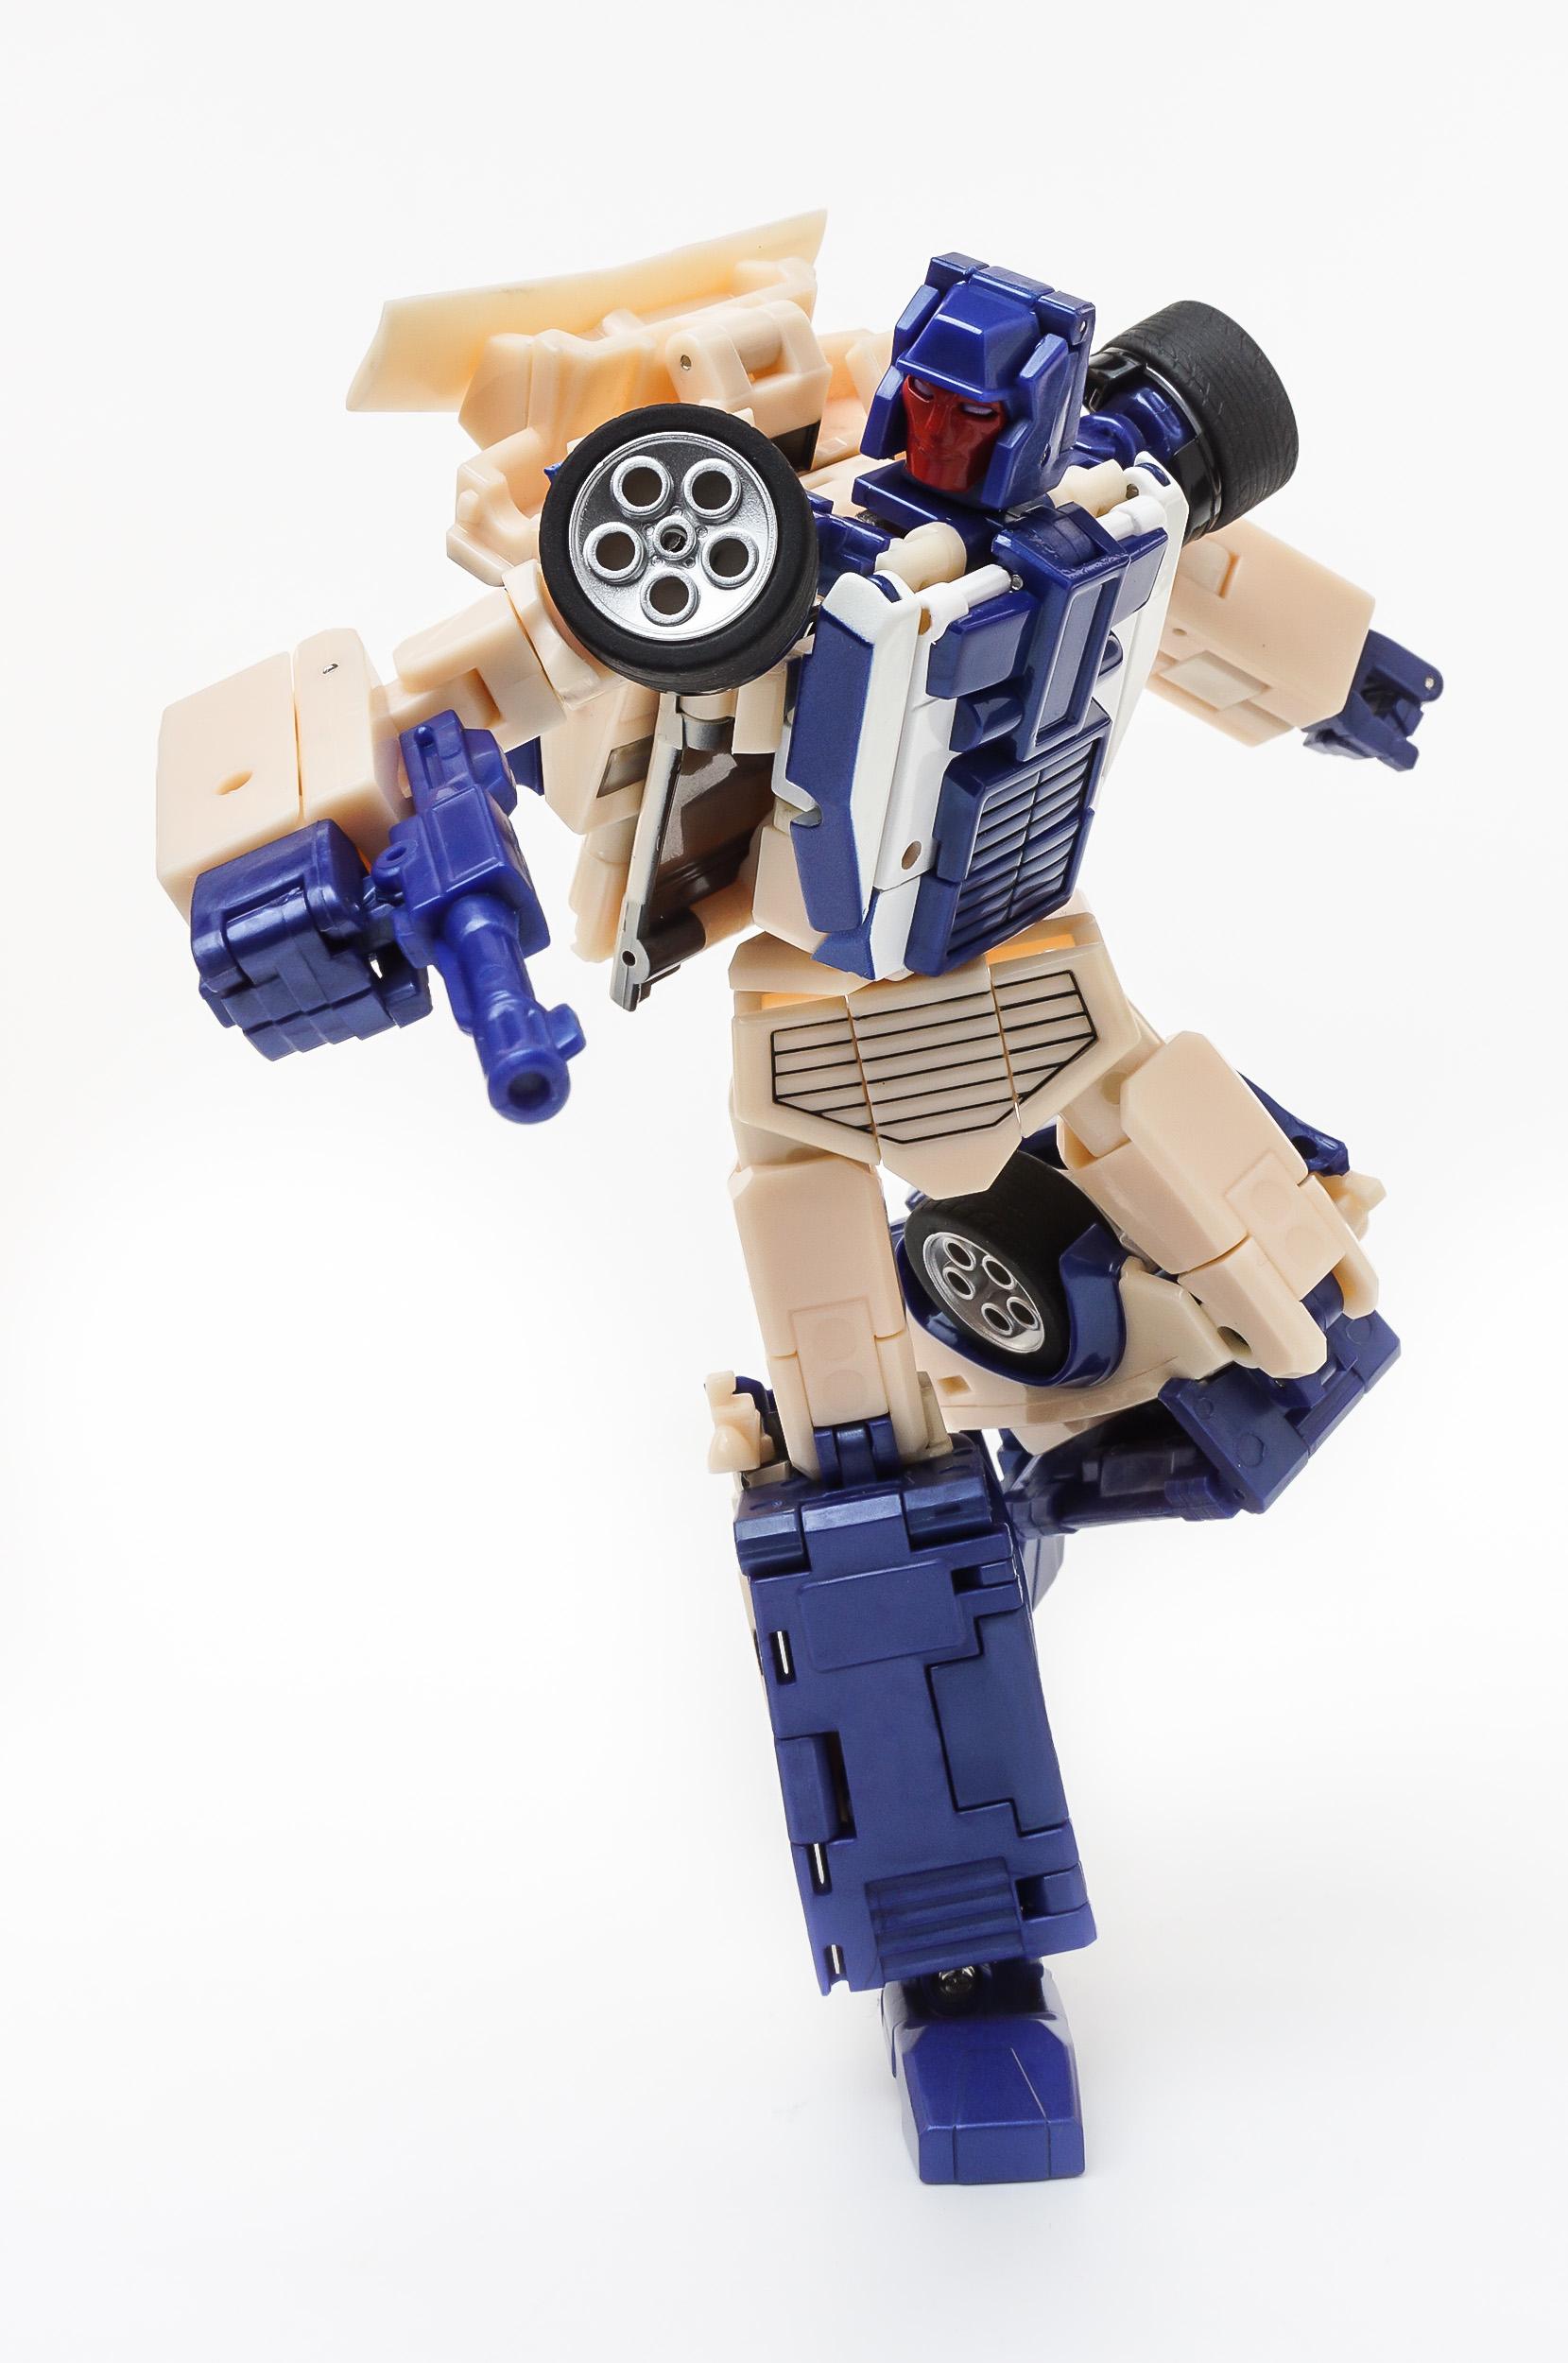 Transformers Combiner Wars G2 MENASOR Bio Card and Manual